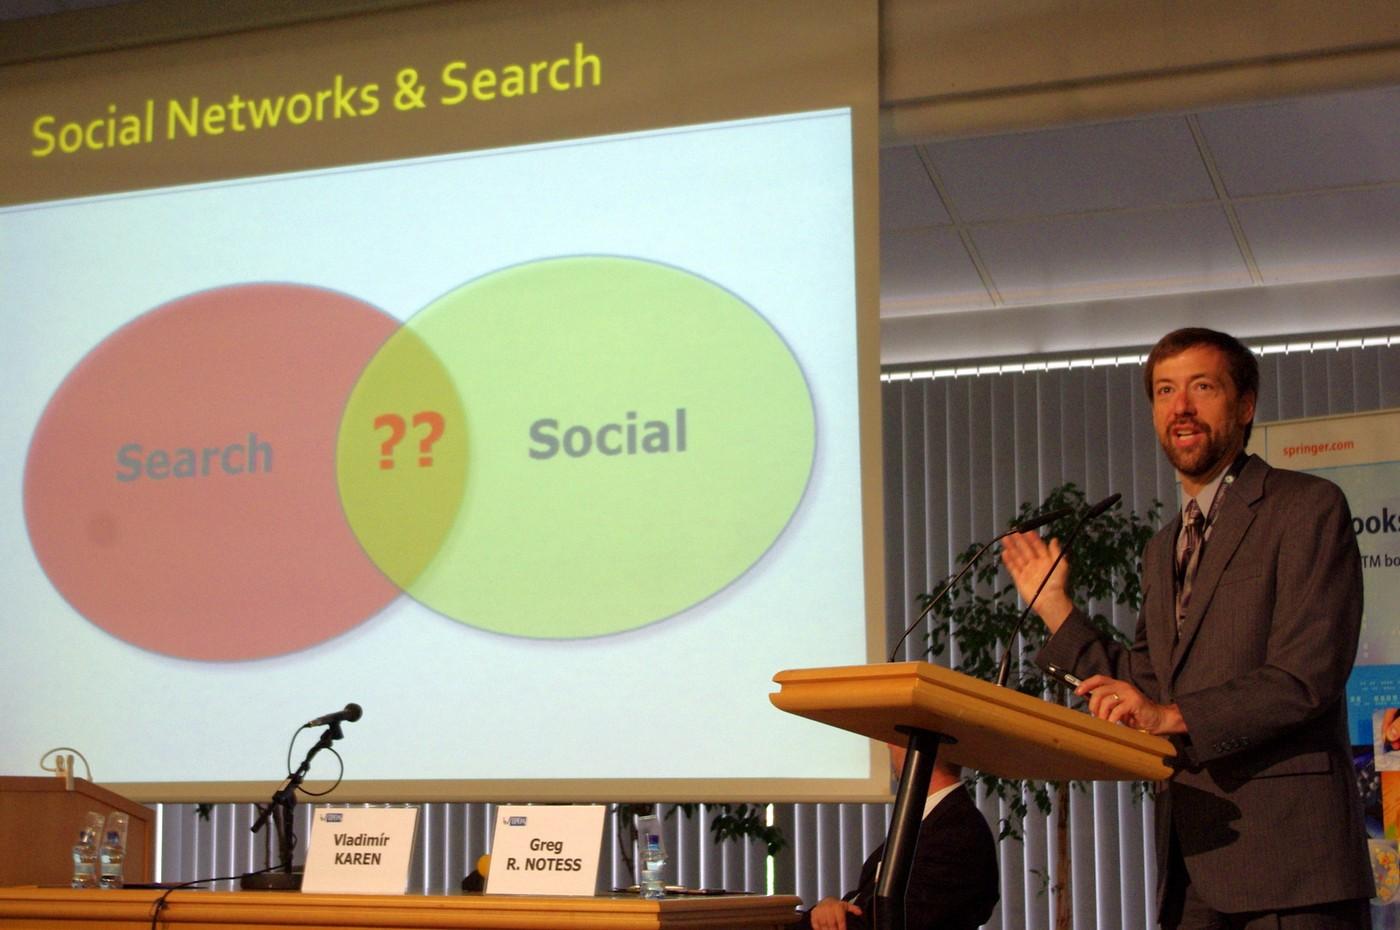 Profesor Notess hovoří o vyhledávání v sociálních sítích